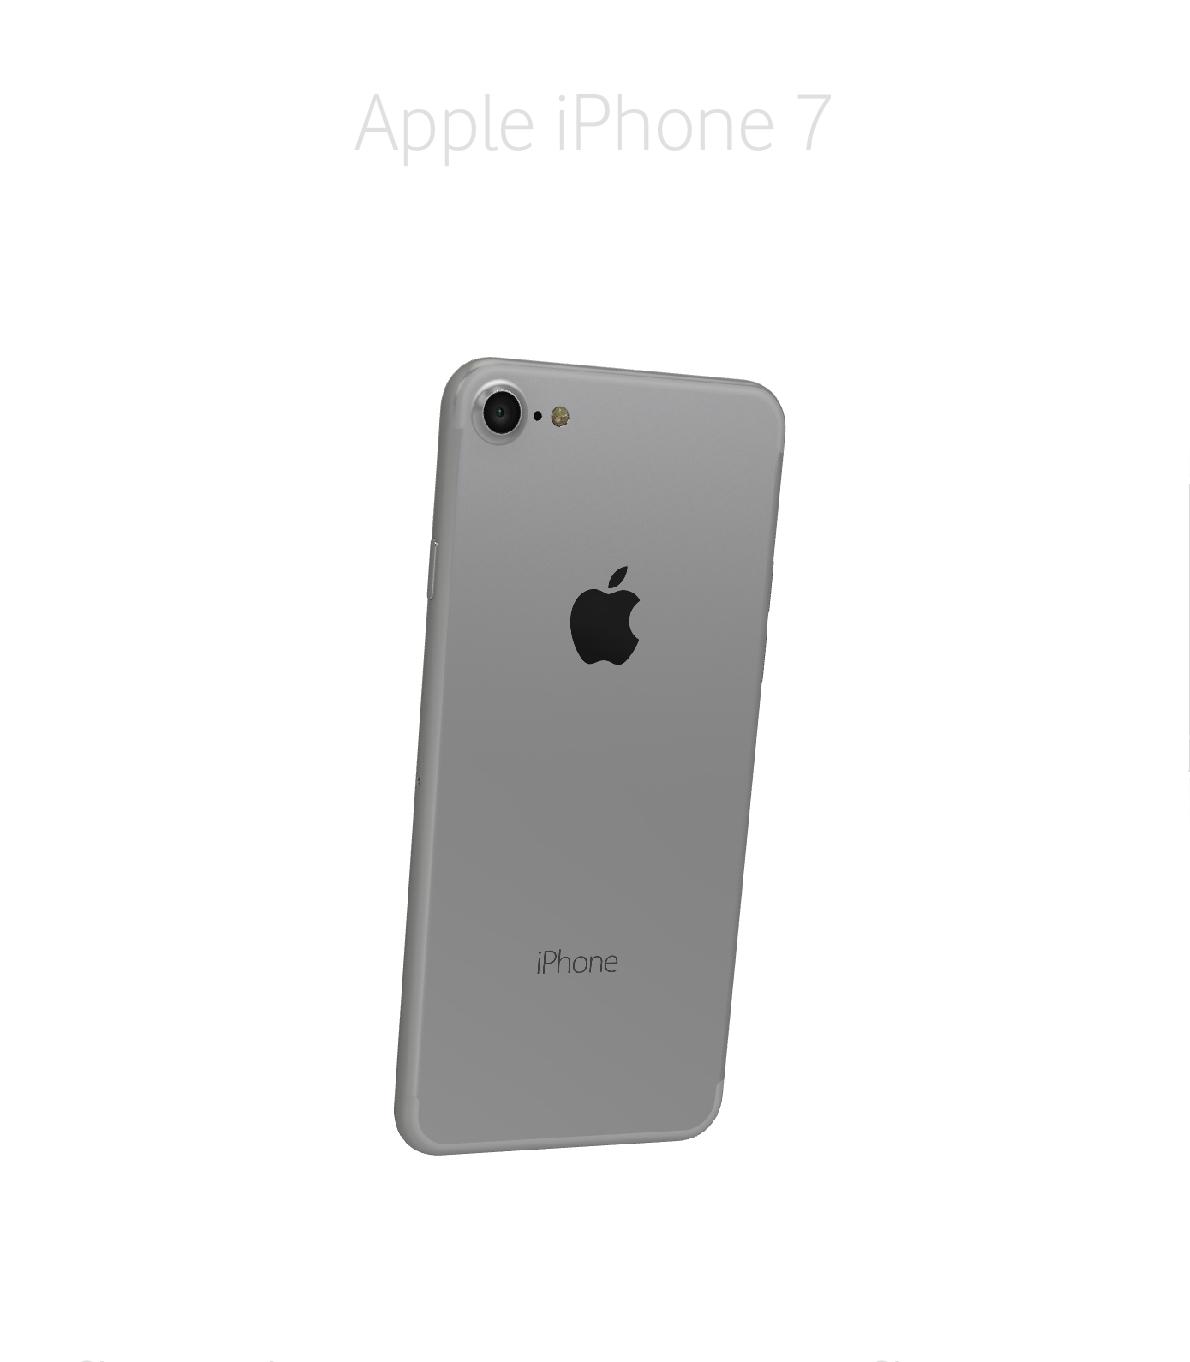 Laga baksida/chassi iPhone 7